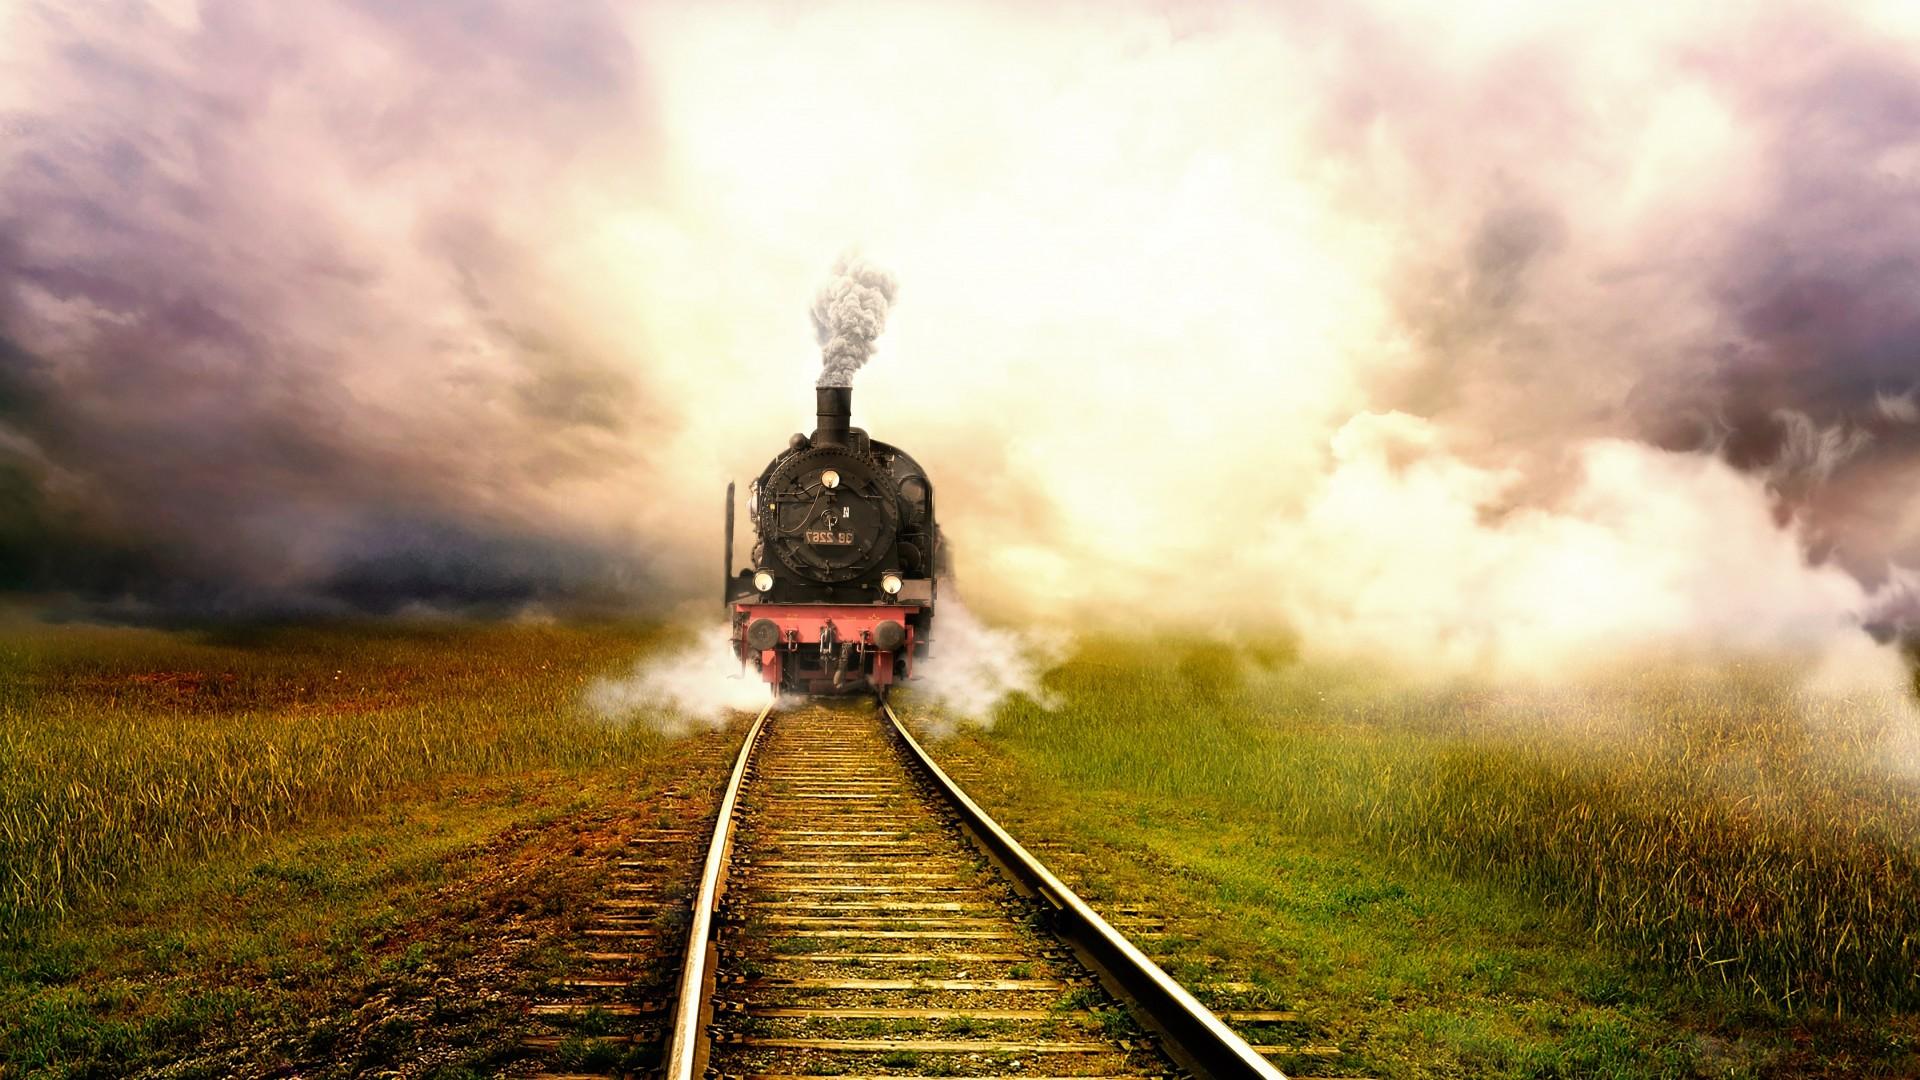 trenes-ferrocarril-revolucion-industrial-creencias-supersticiones-historia-medicina-barceona-mataro-españa